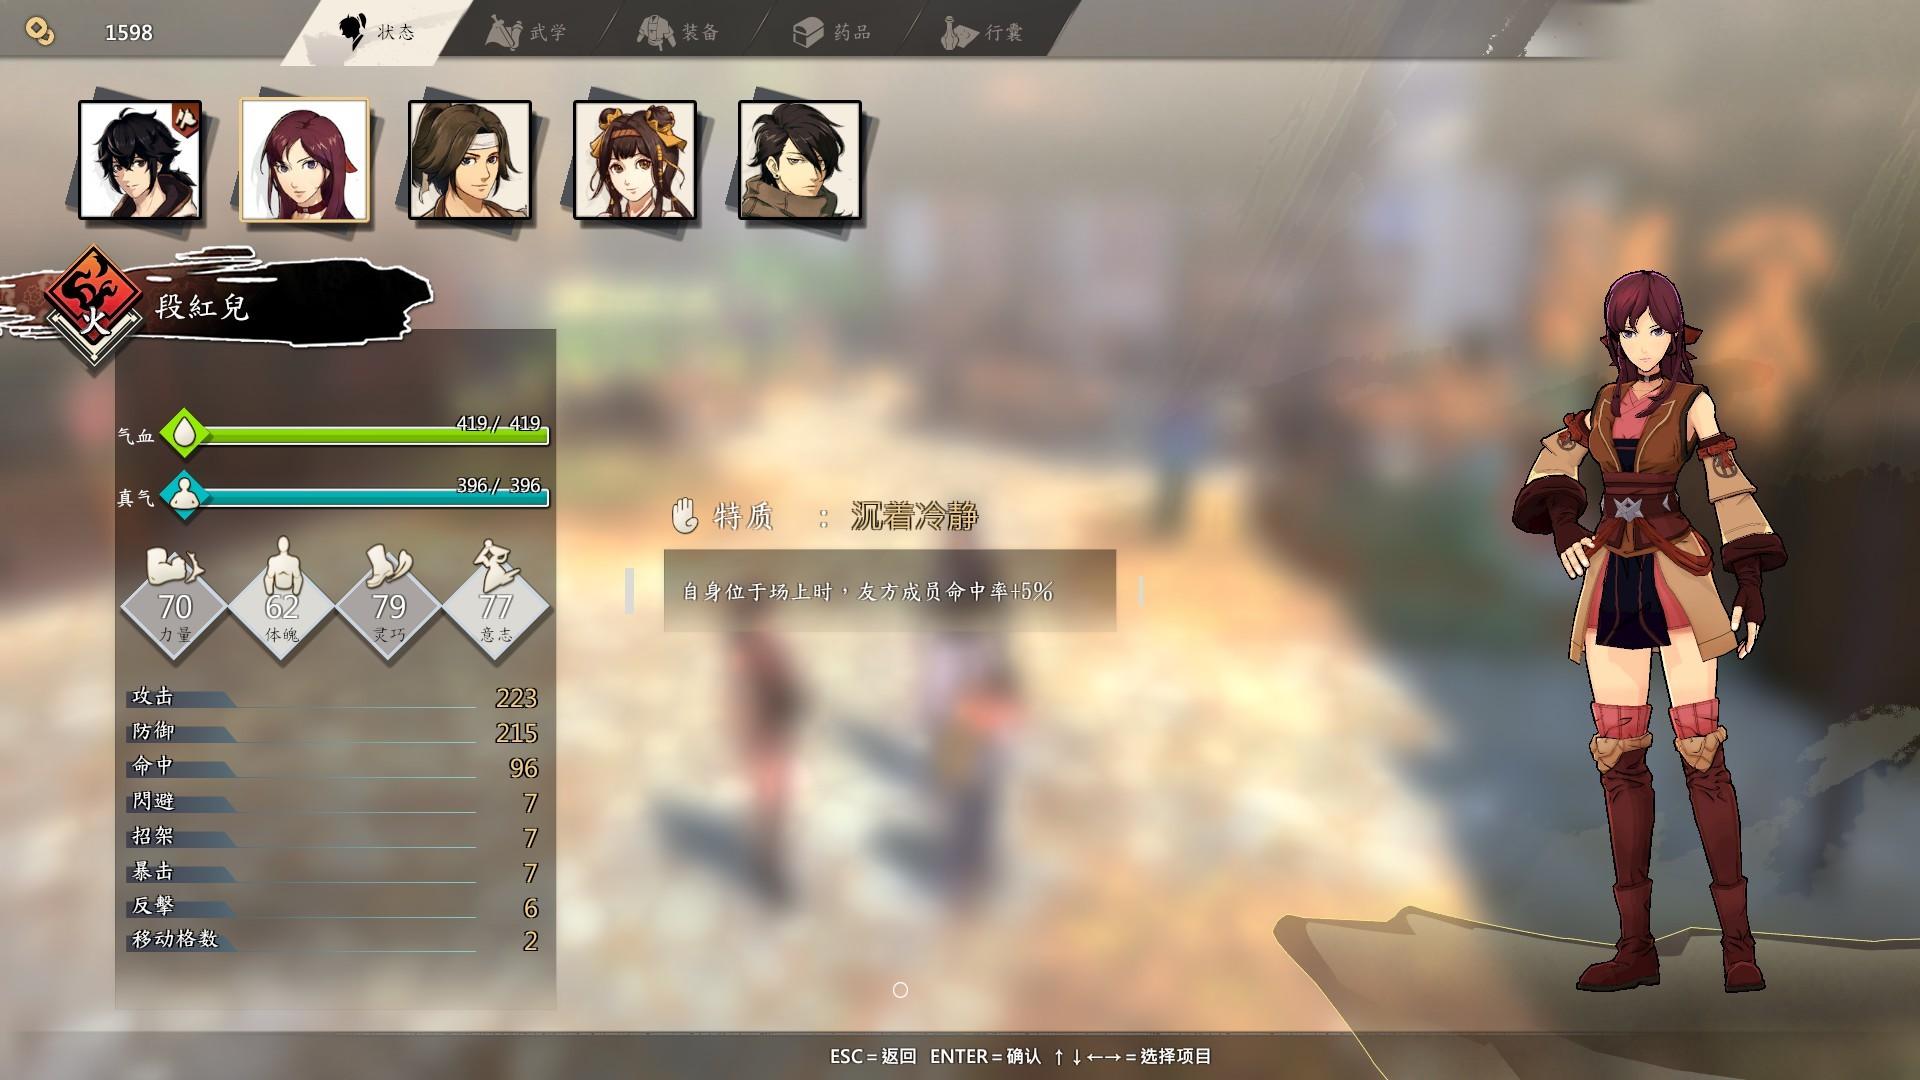 河洛《侠隐阁》Steam抢先体验版开售 首周9折特惠43元